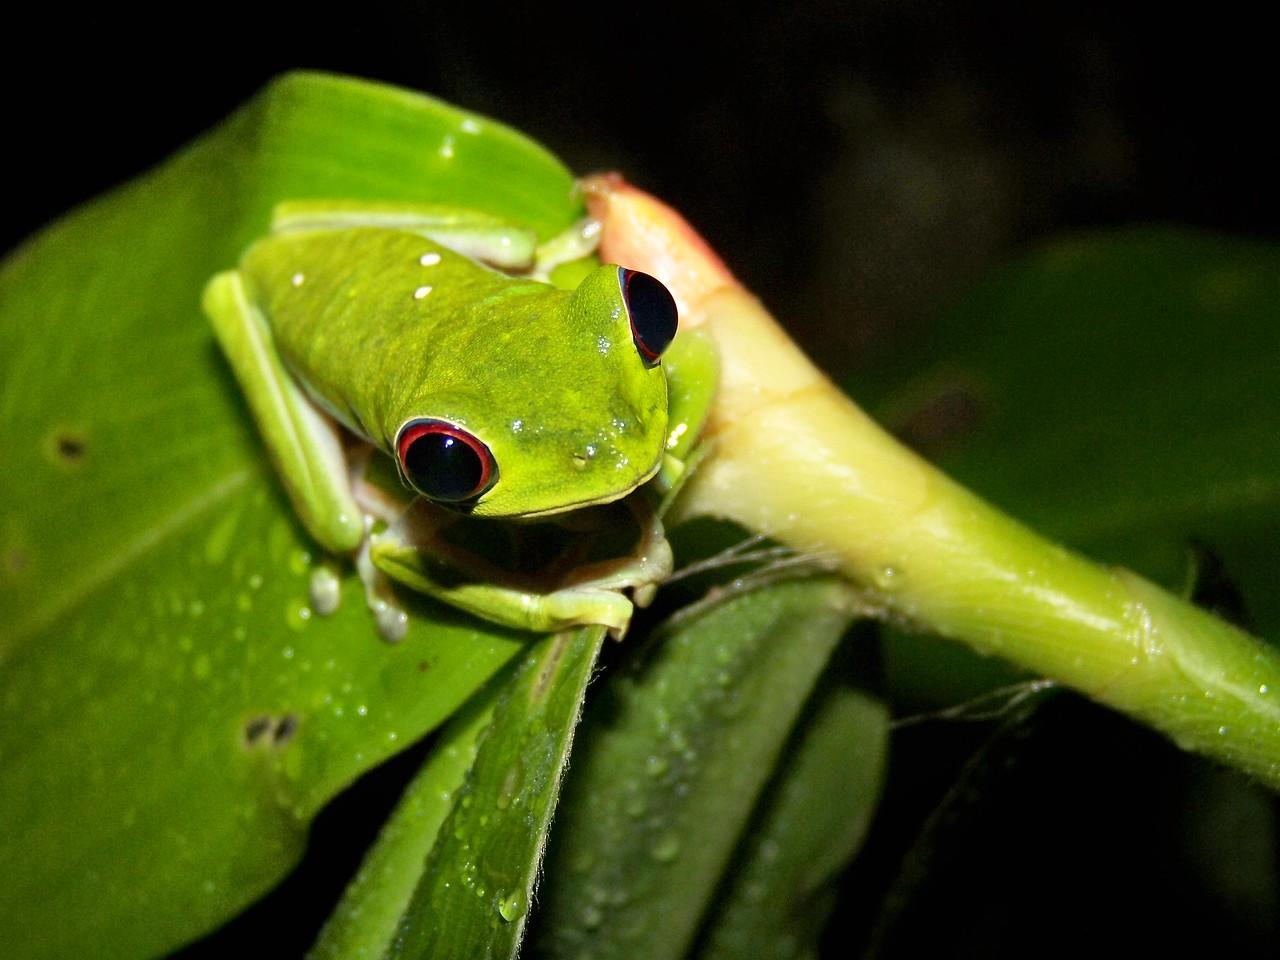 Look at those eyes! Panama.